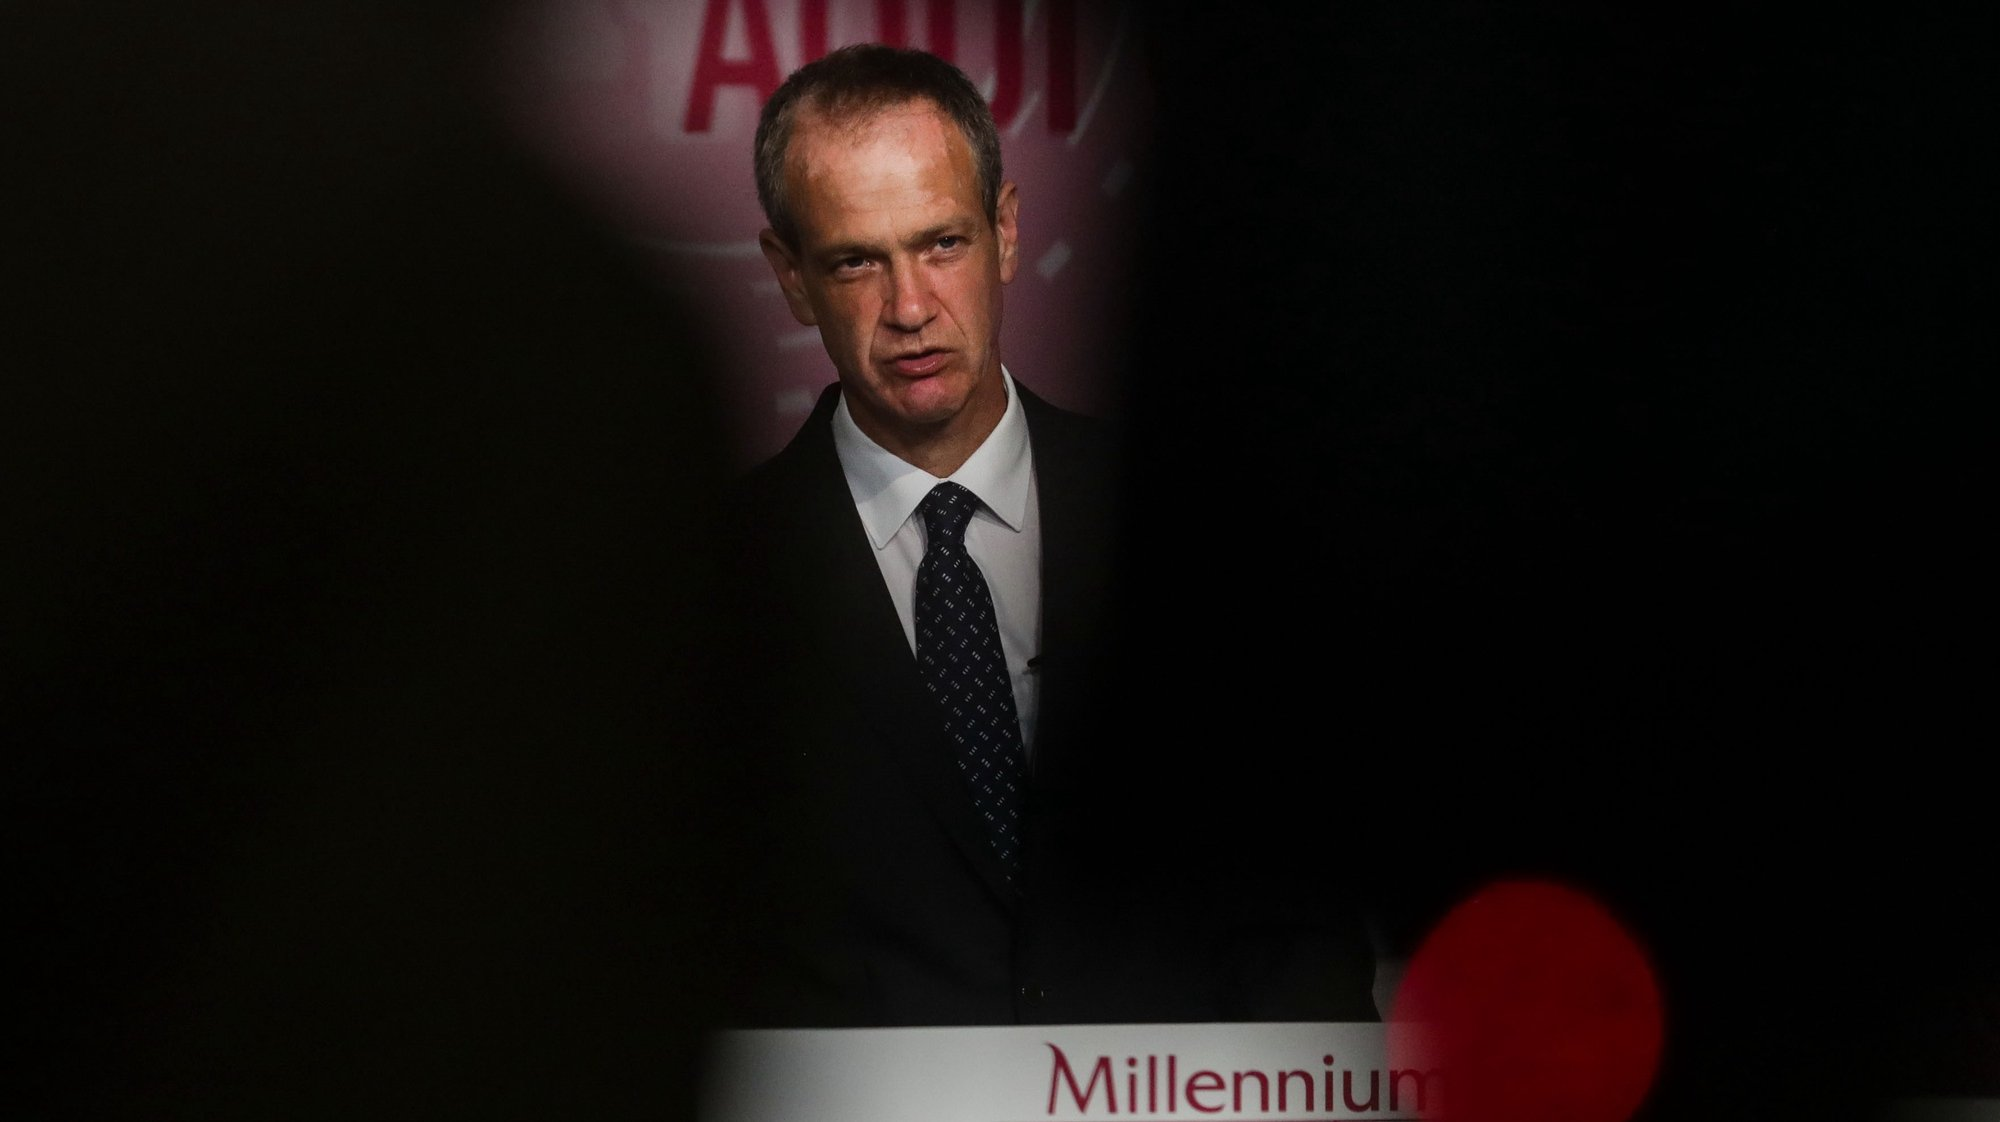 O CEO do banco Millennium BCP, Miguel Maya, durante a conferência de imprensa de divulgação dos resultados do 1.º trimestre de 2021 da instituíção bancária, na sede do Tagus Park em Oeiras,  17 de maio de 2021. TIAGO PETINGA/LUSA